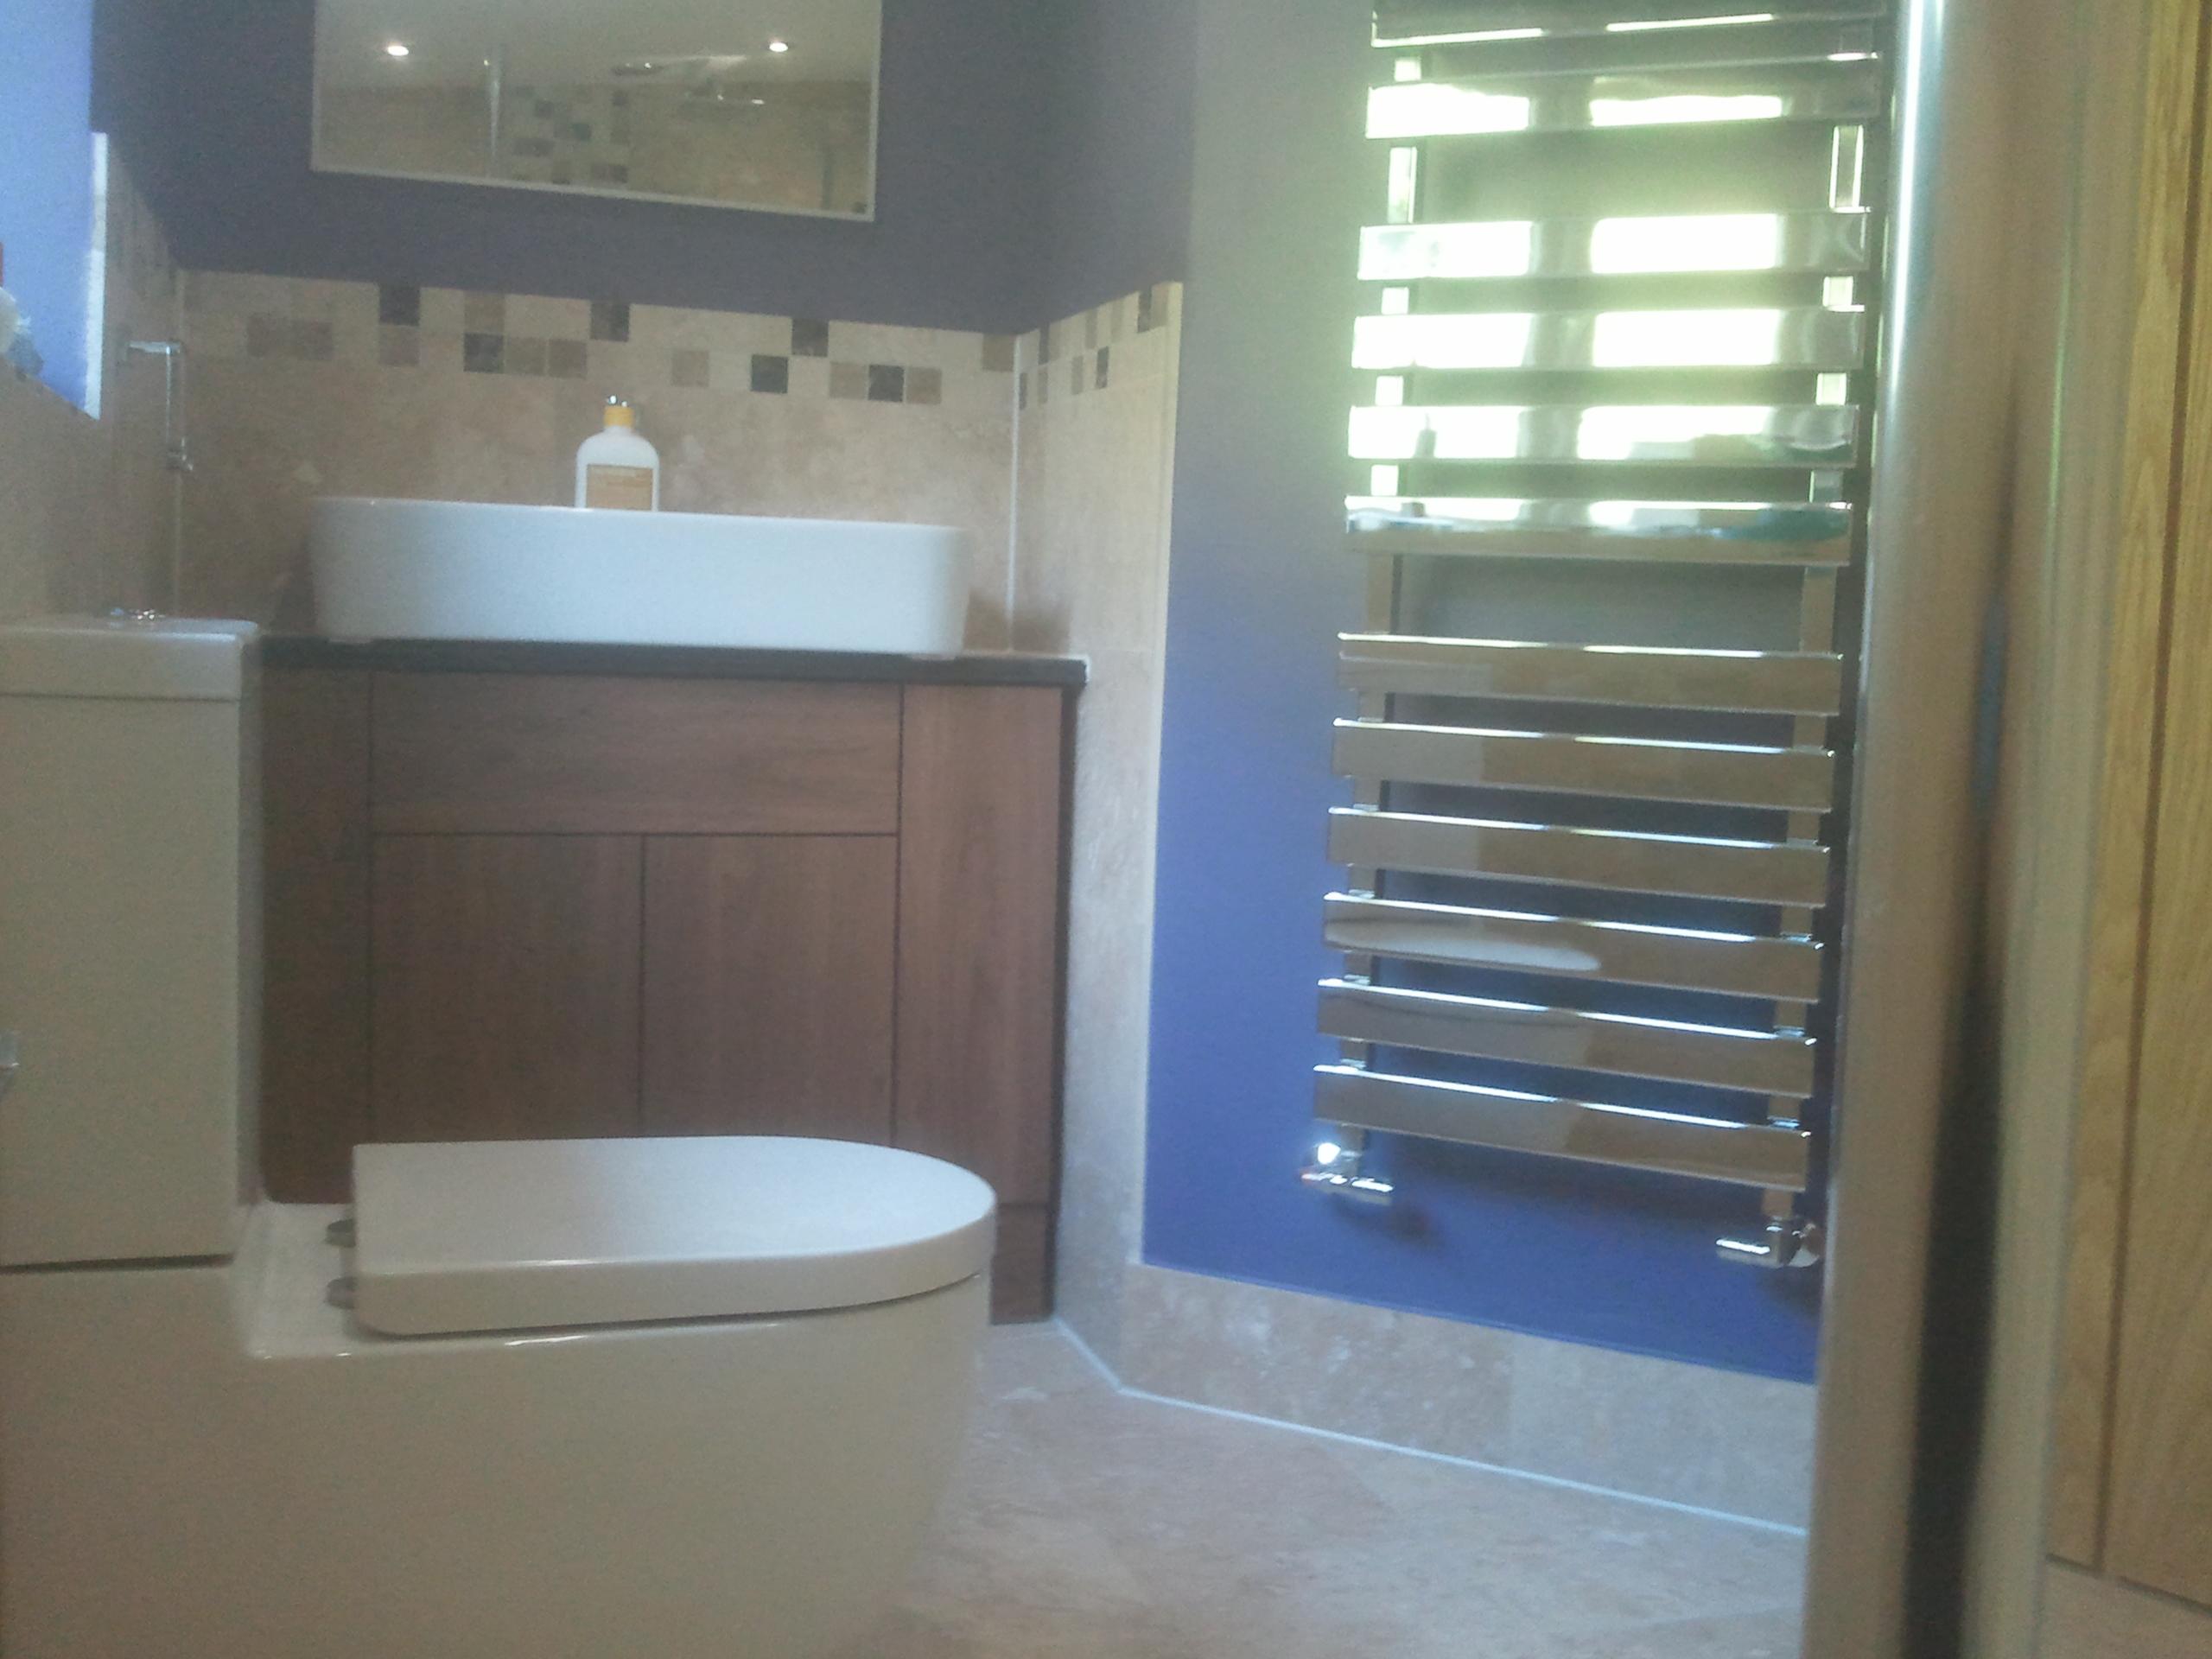 Bathroom, Ramsbury.